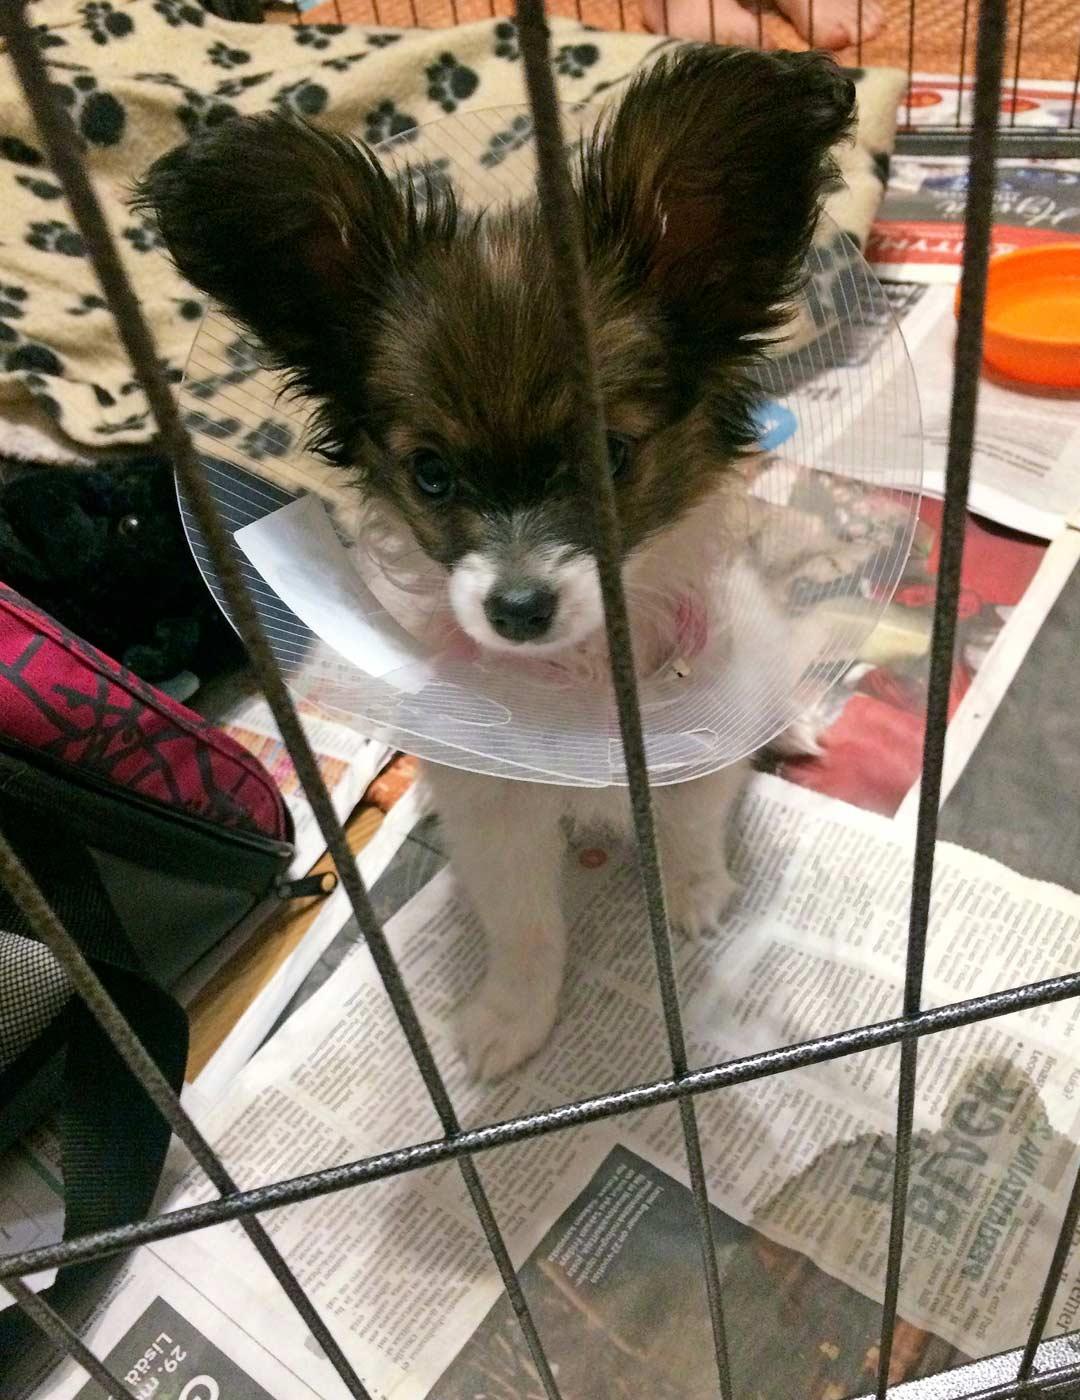 Namu joutui sydänleikkauksen jälkeen olemaan päiviä eristyksissä muilta koirilta, jotta haava paranisi rauhassa.